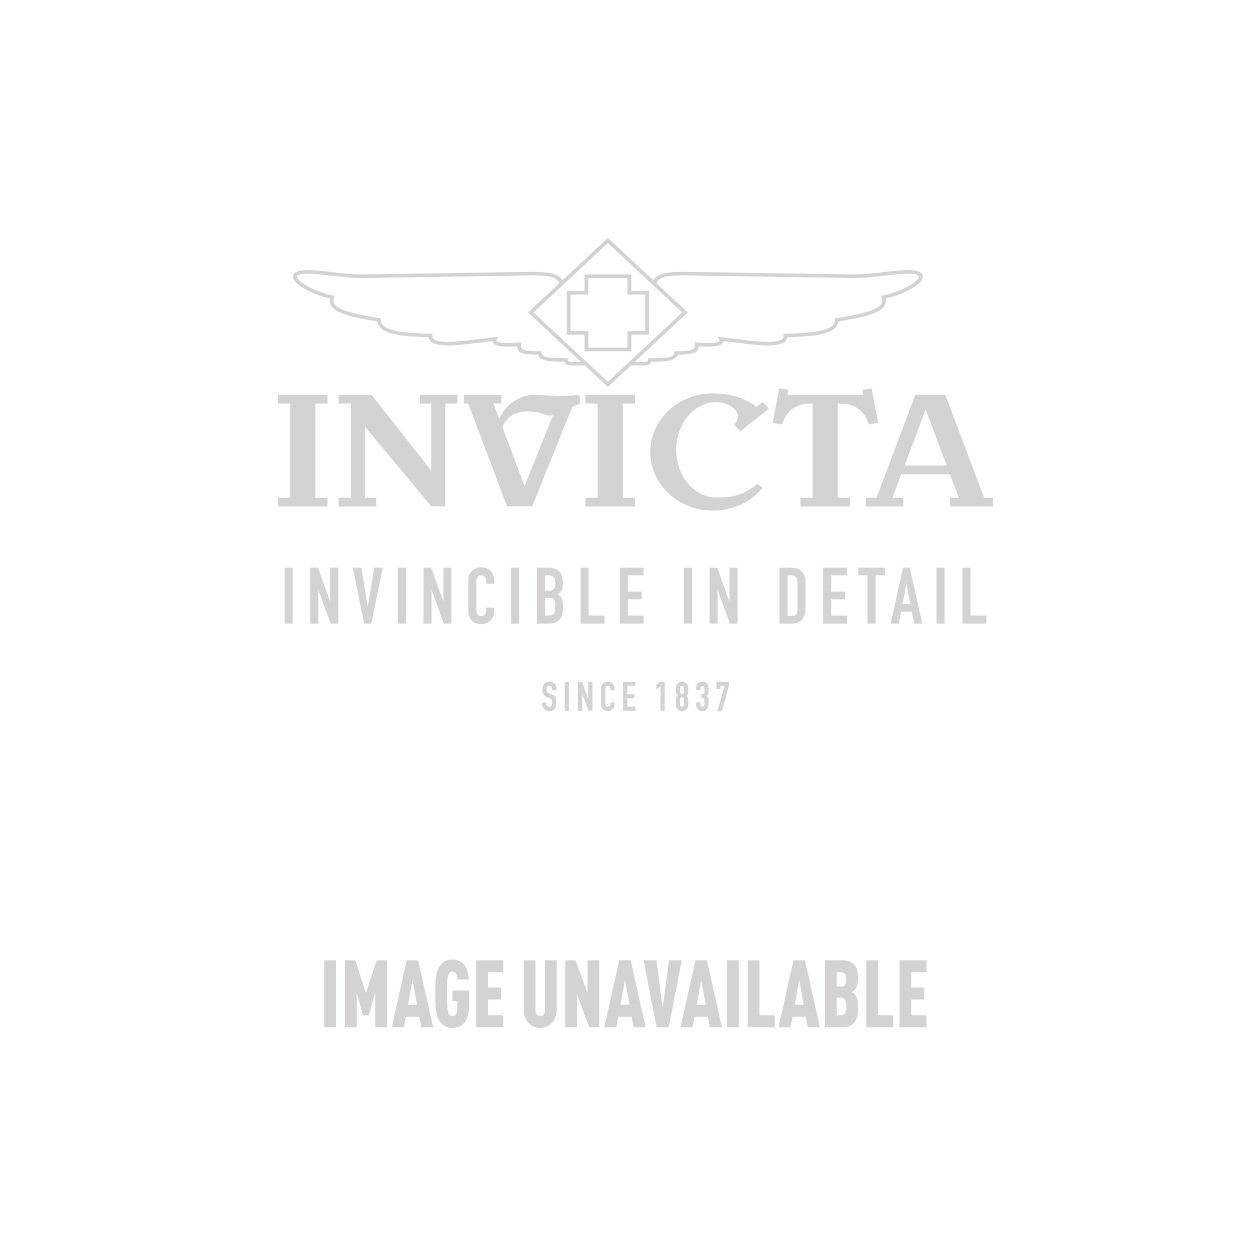 Invicta Model 28127